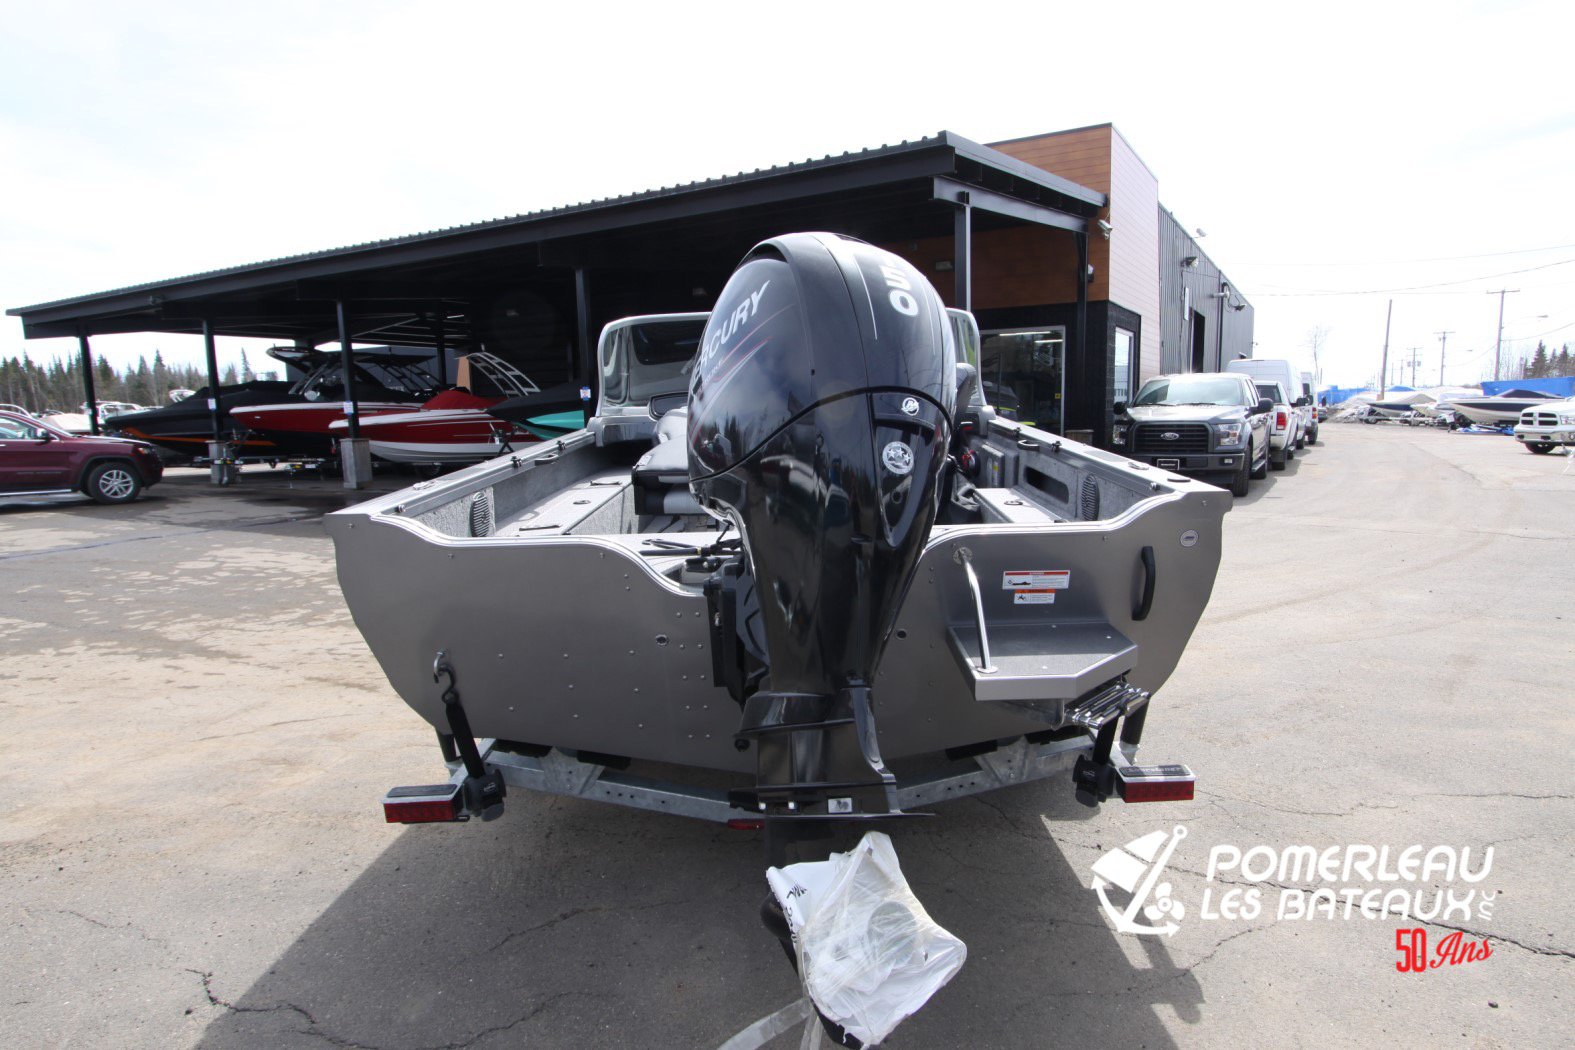 Crestliner Fish Hawk 1850 Platinum - IMG_2282